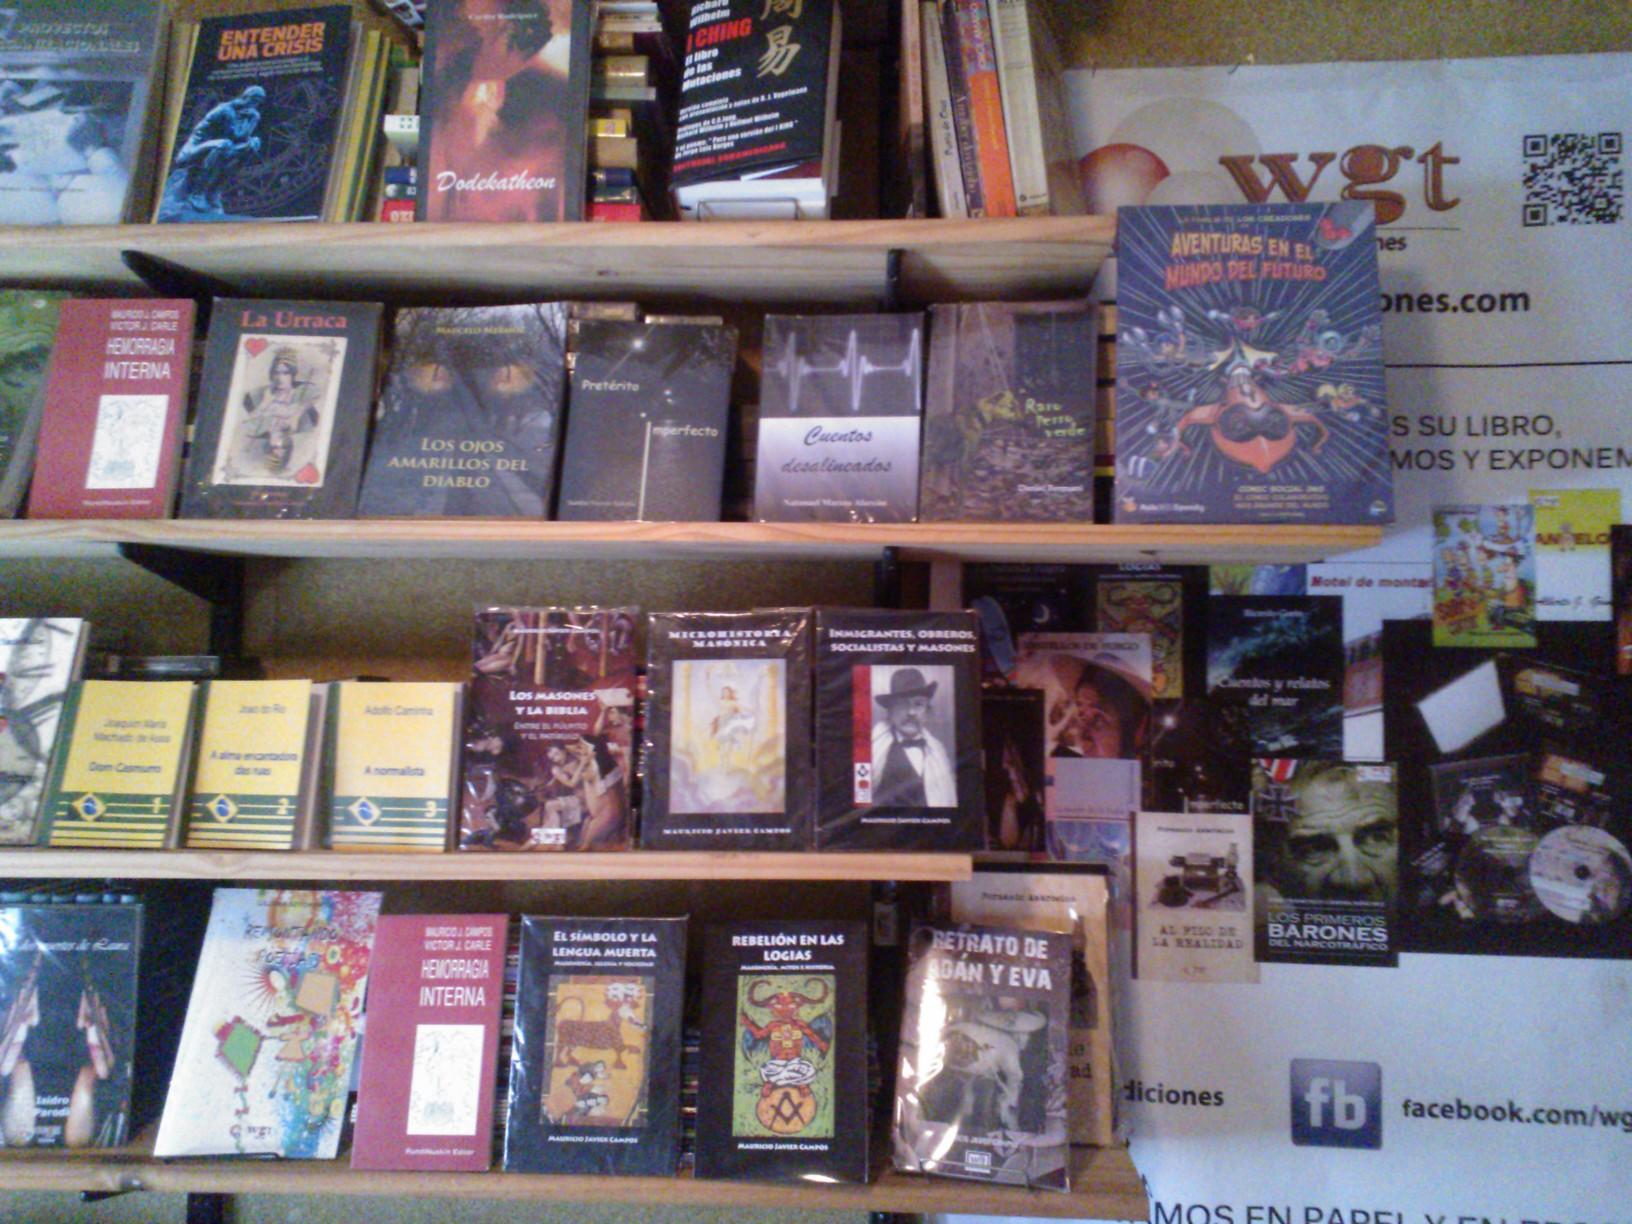 WGT libros editados - WGT Ediciones